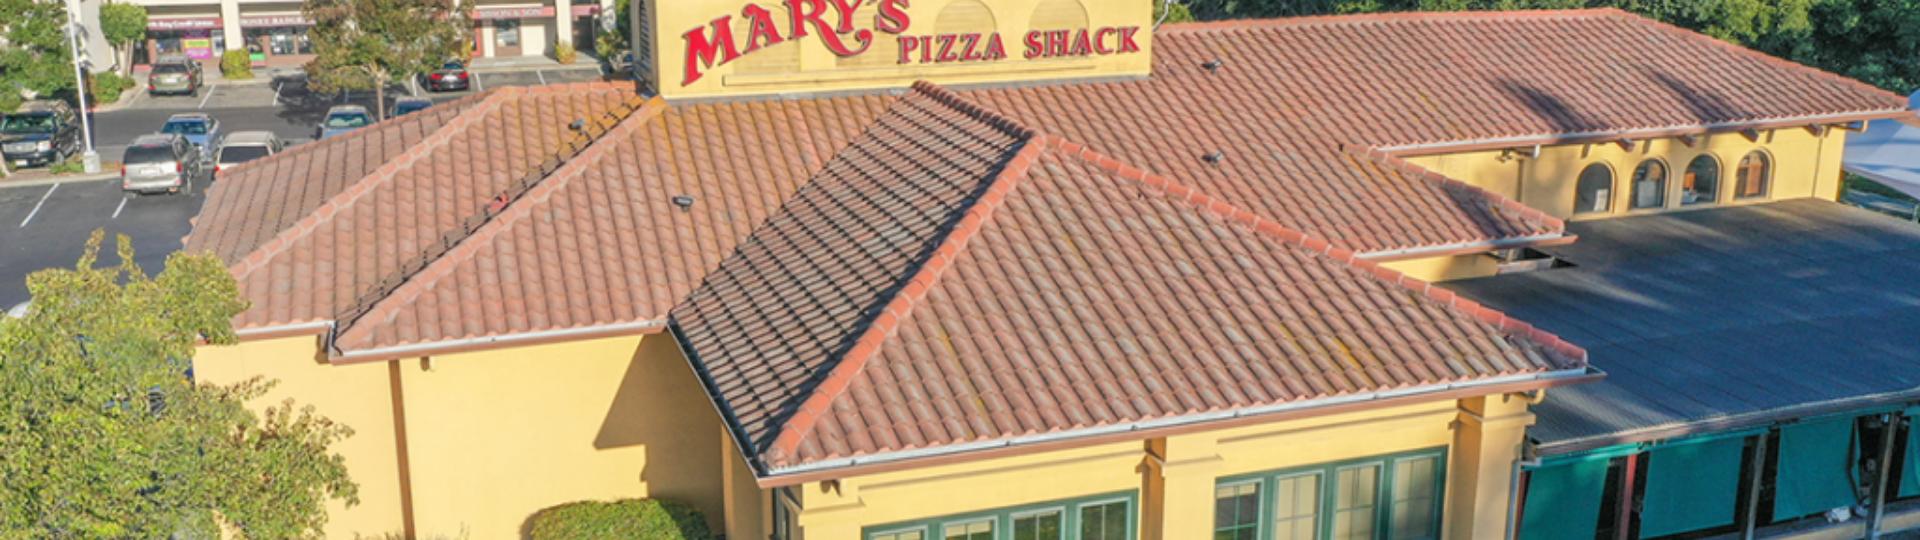 mary's pizza shack exterior